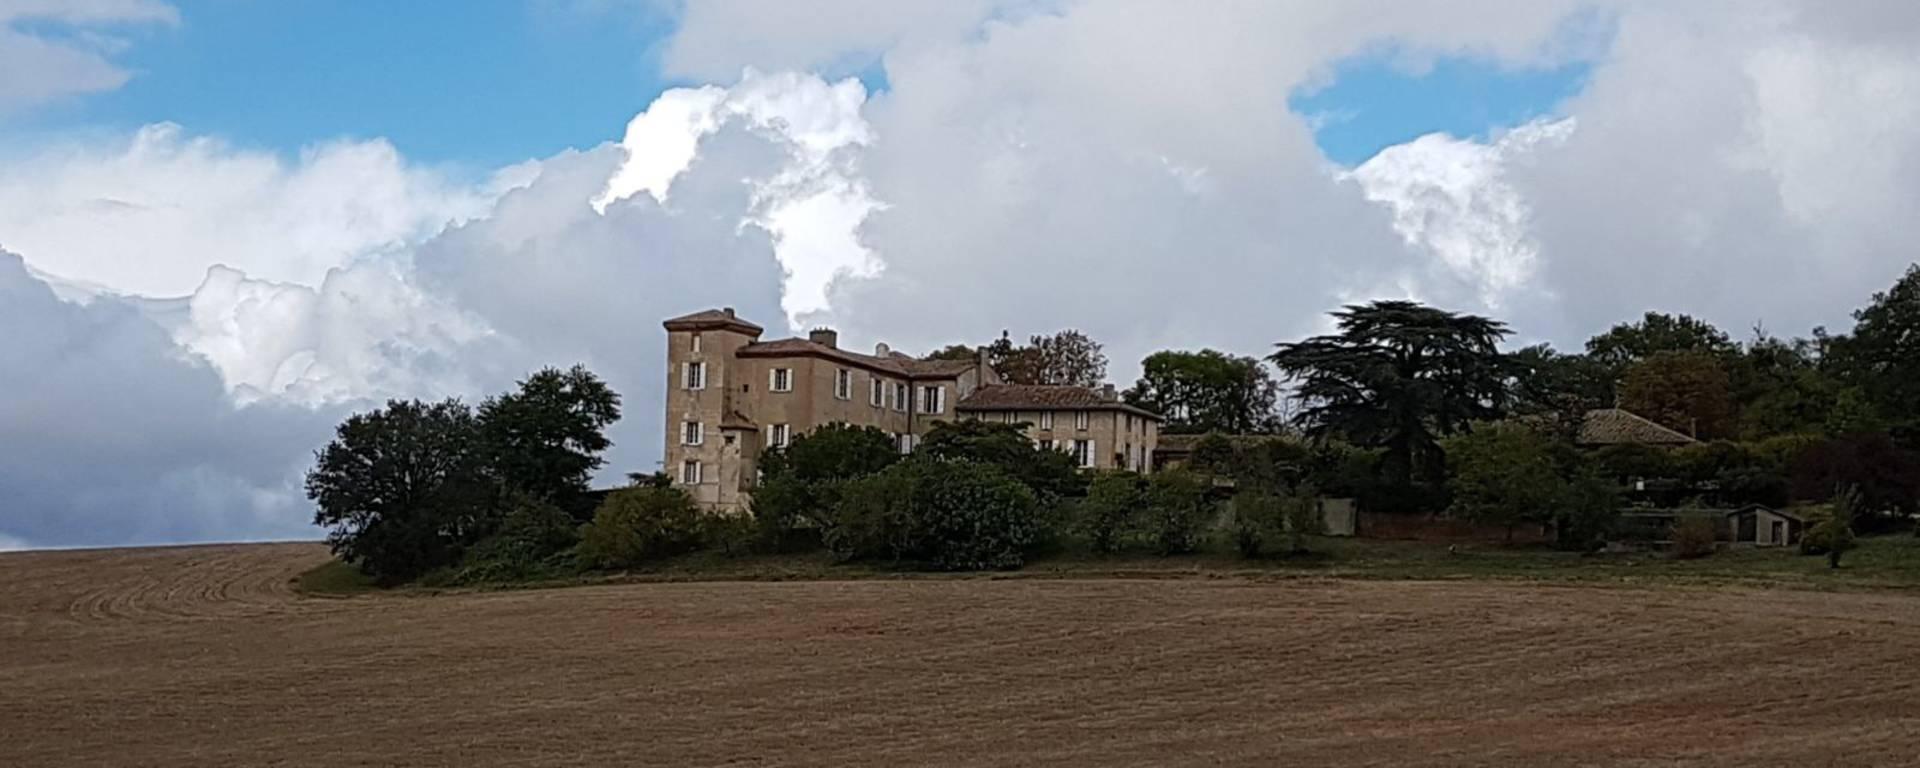 Château de Labusquière, Montadet, Savès